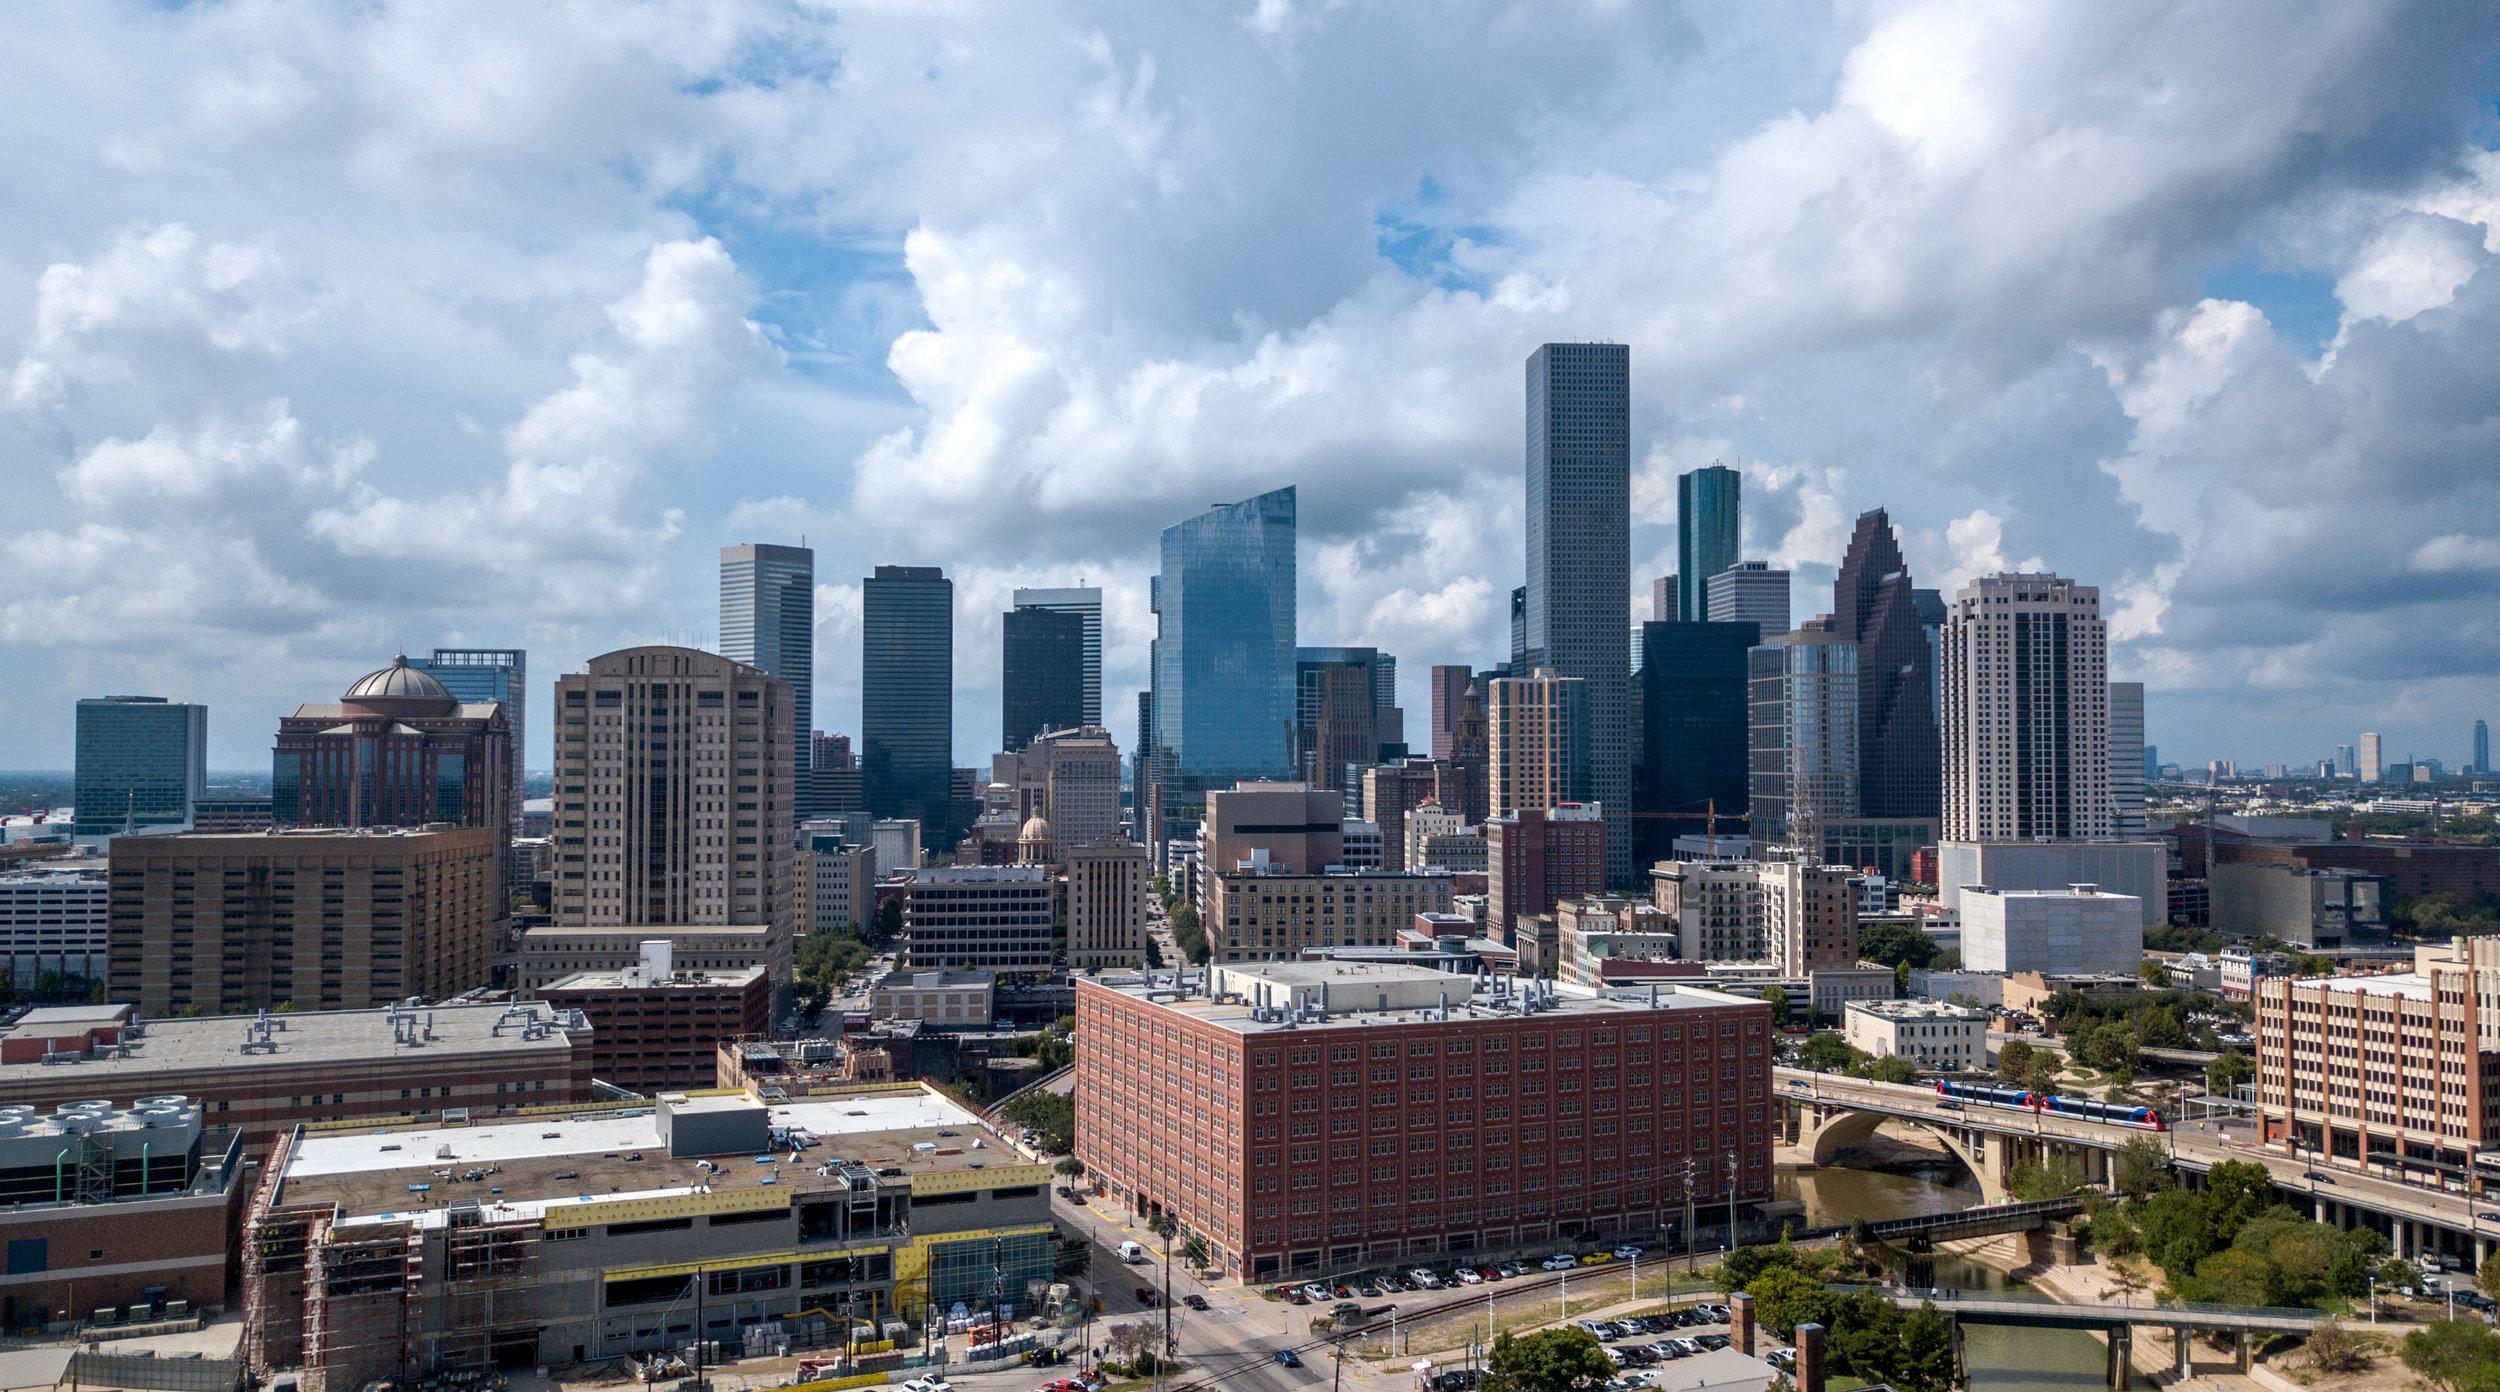 Houston Skyline by Drone